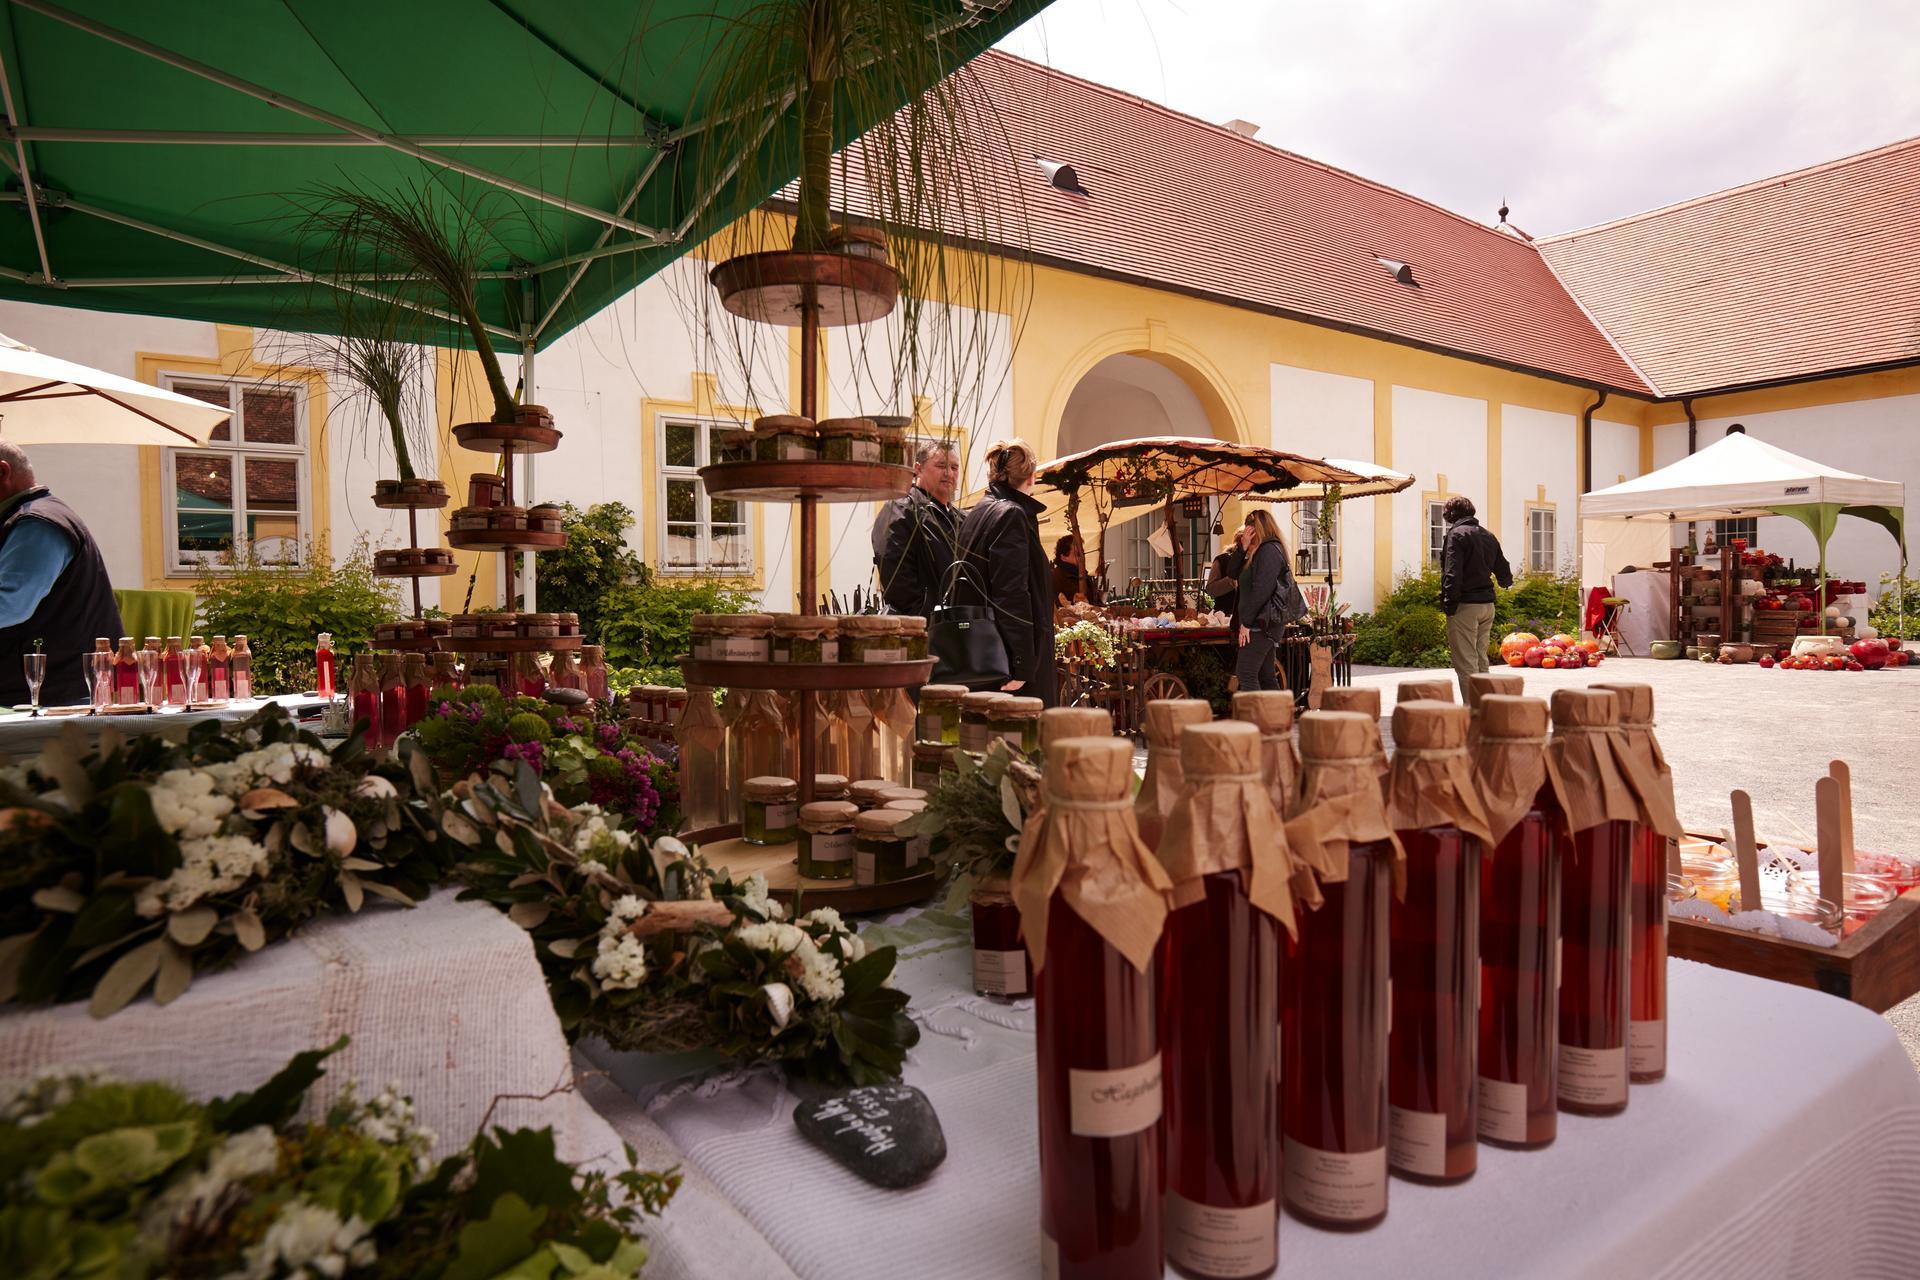 Gartentage auf Schloss Hof c David Sailer